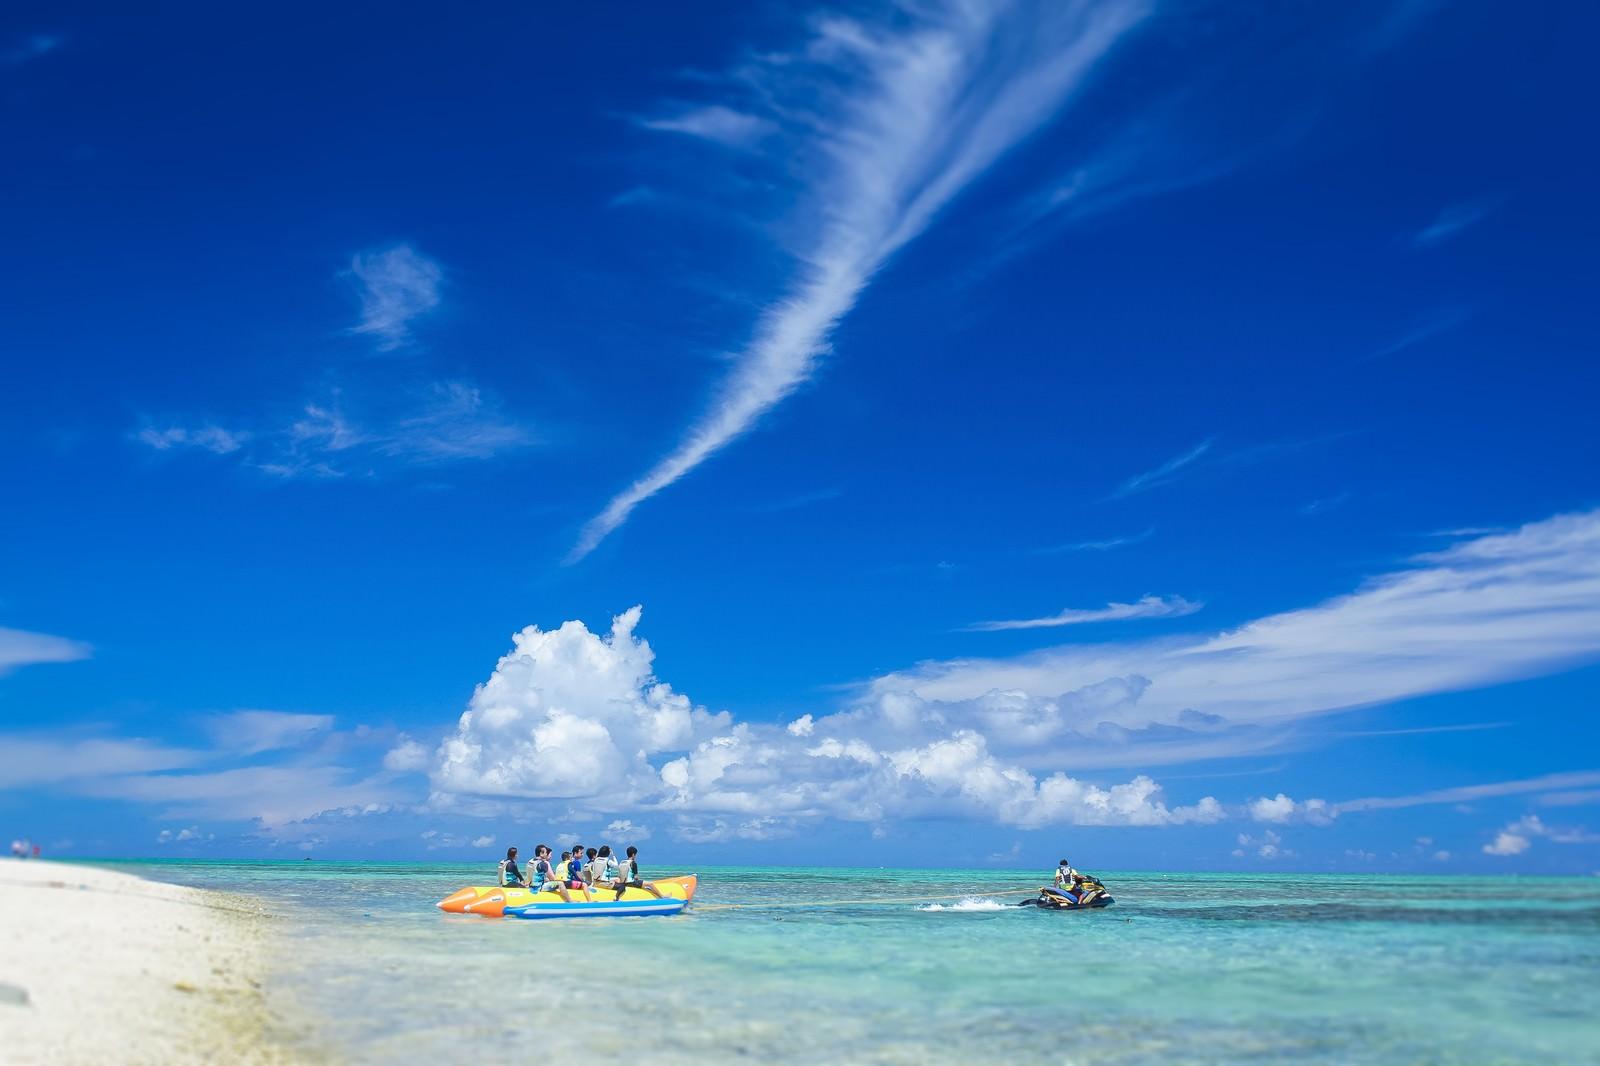 「沖縄の海とバナナボートの観光客」の写真